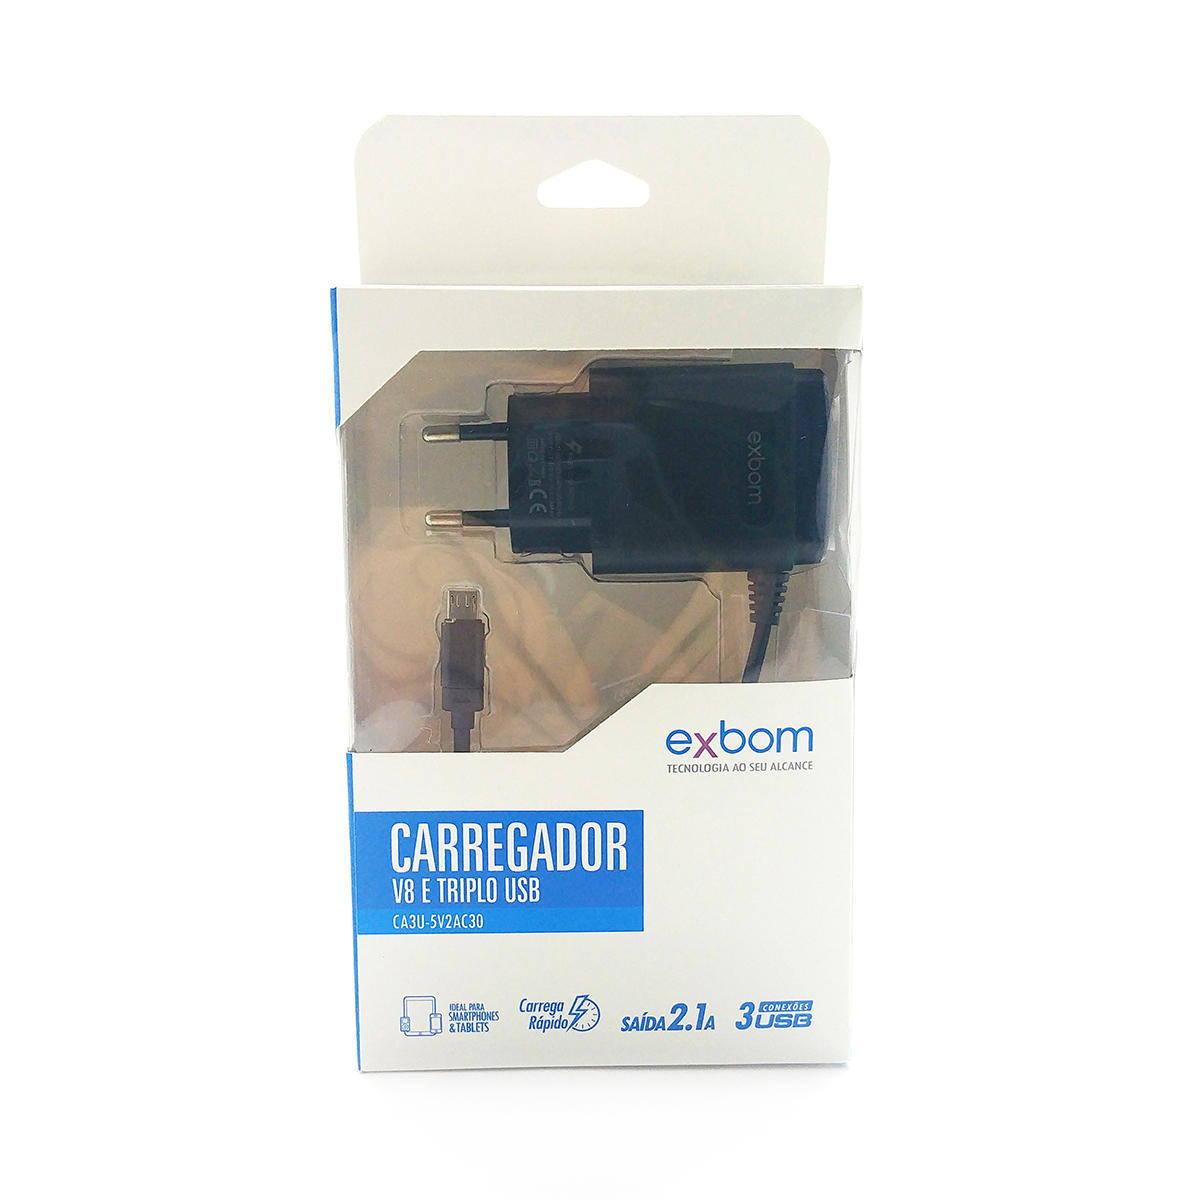 Carregador USB Triplo com Cabo V8 Fixo Carga Rápida 2.1A Bivolt Tomada 2 Pinos Exbom CA3U-5V2AC30